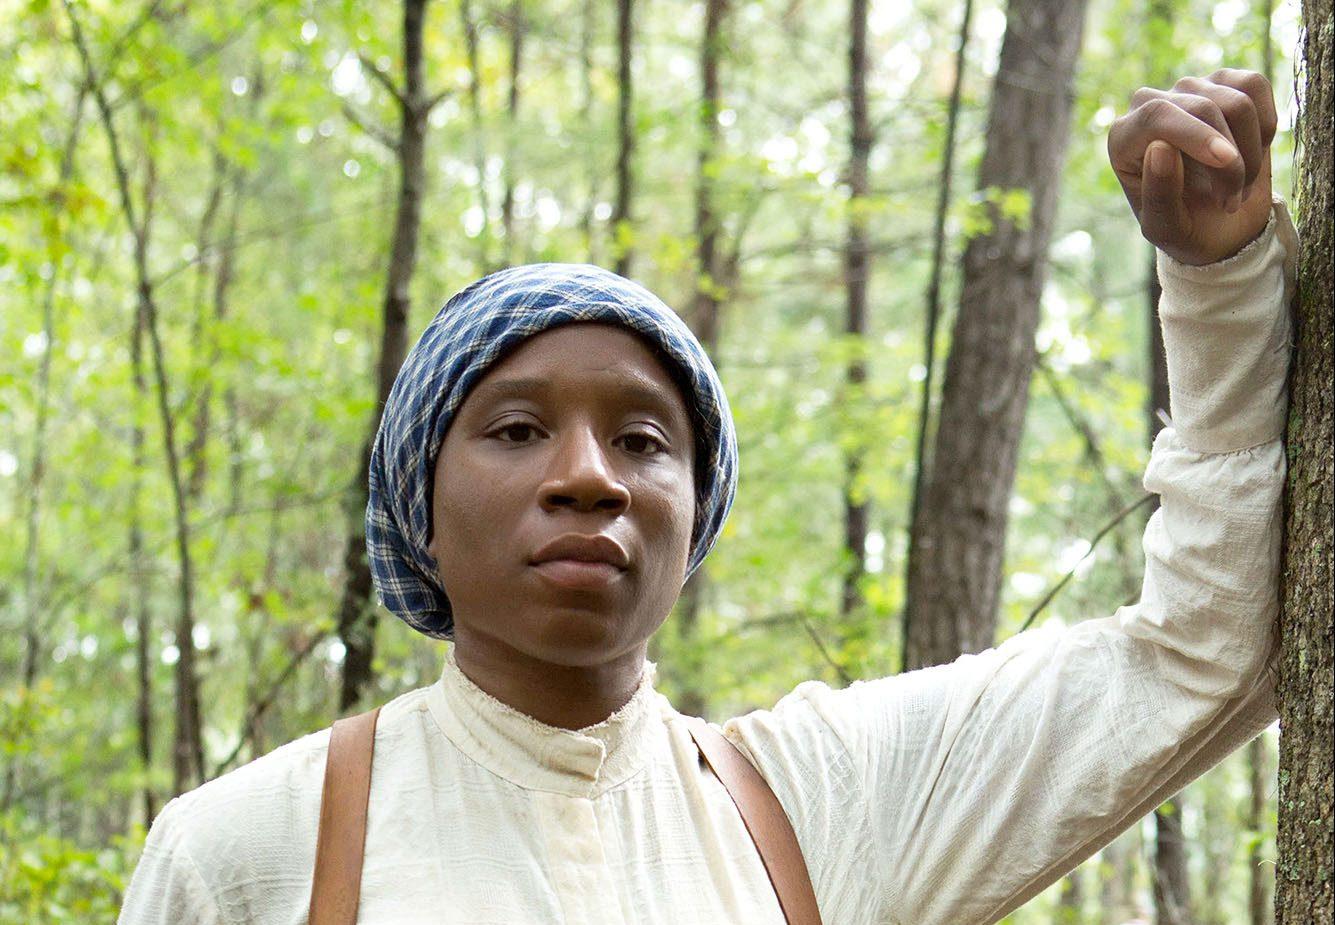 Underground S Harriet Tubman Episode Shows The Importance